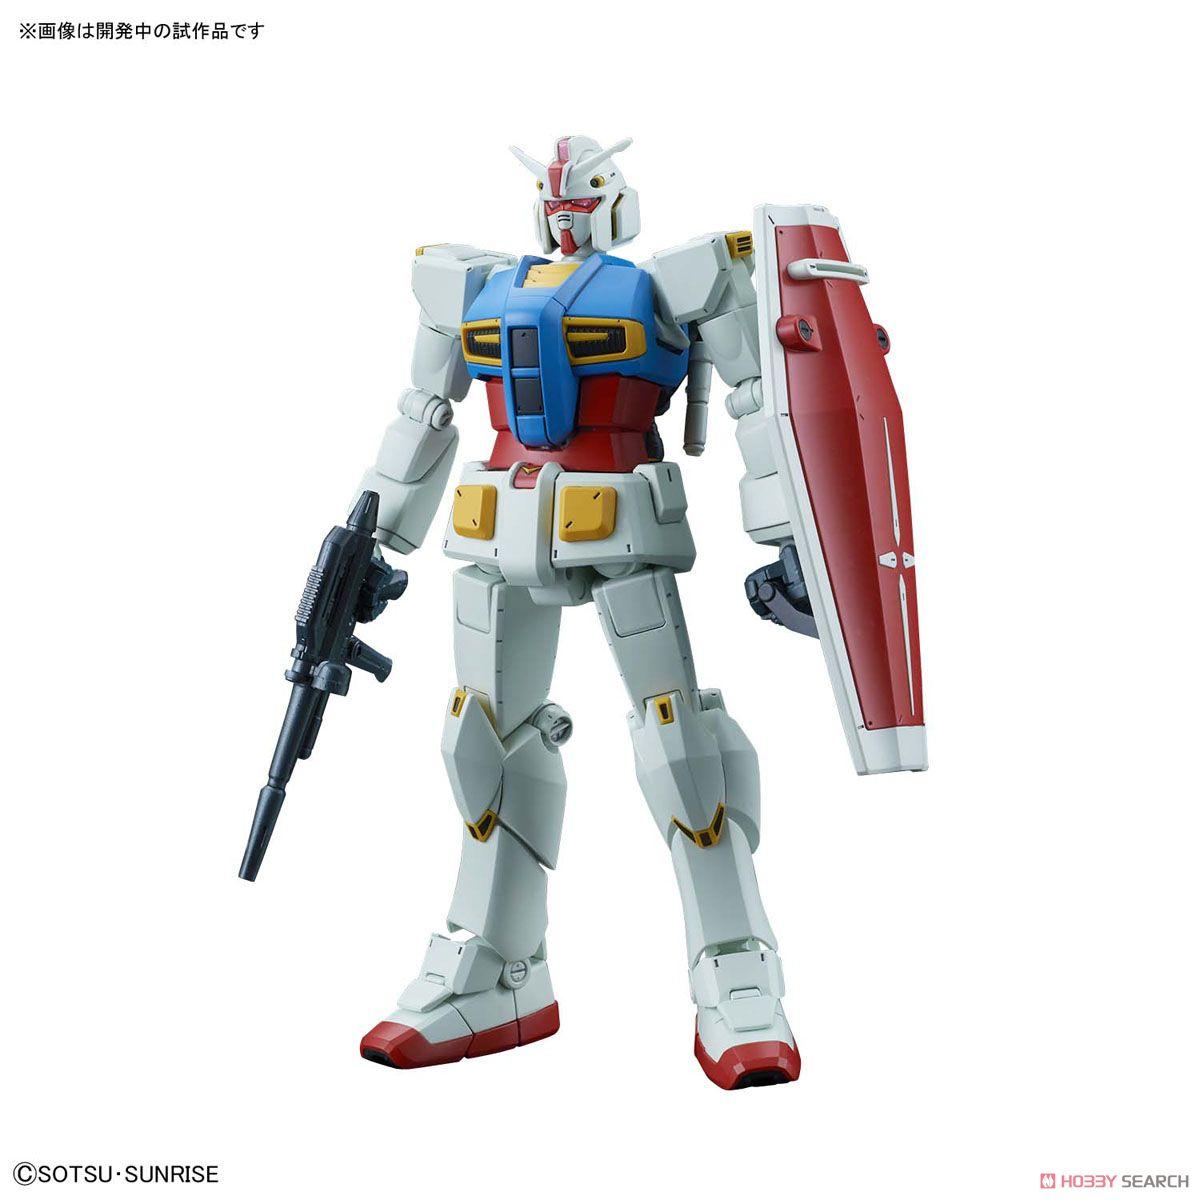 【再販】HG 1/144『ガンダムG40(Industrial Design Ver.)』プラモデル-001